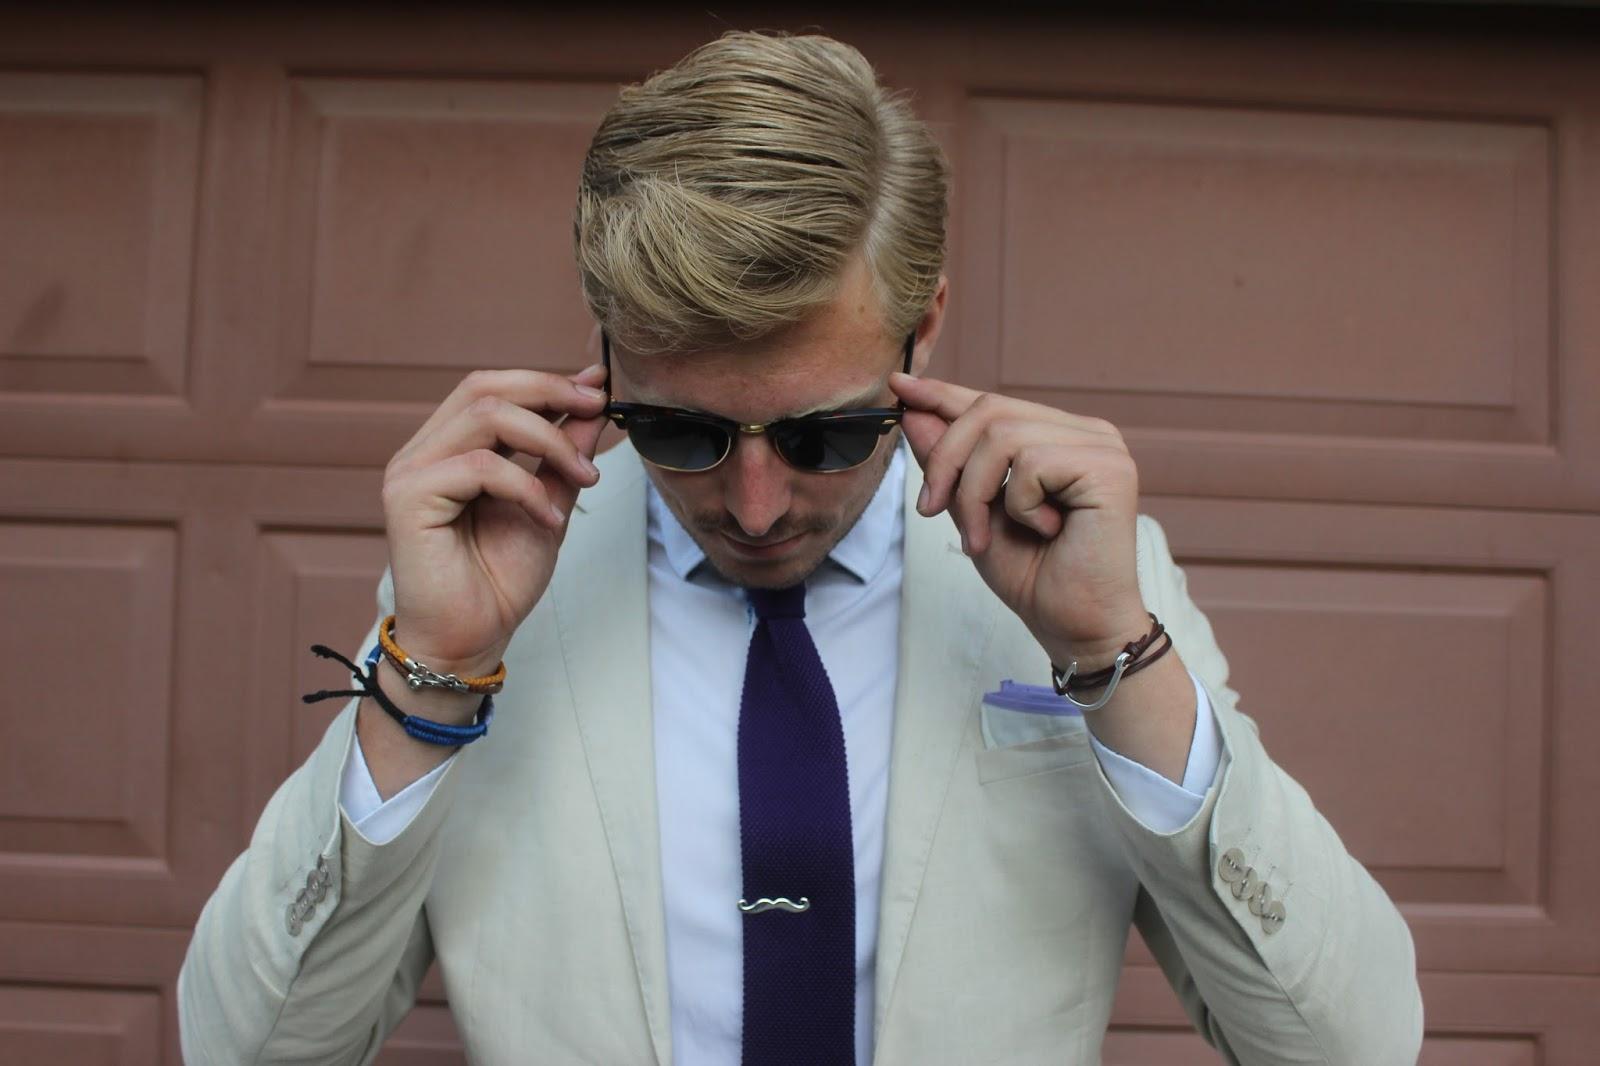 优雅绅士的小玩物:领带夹